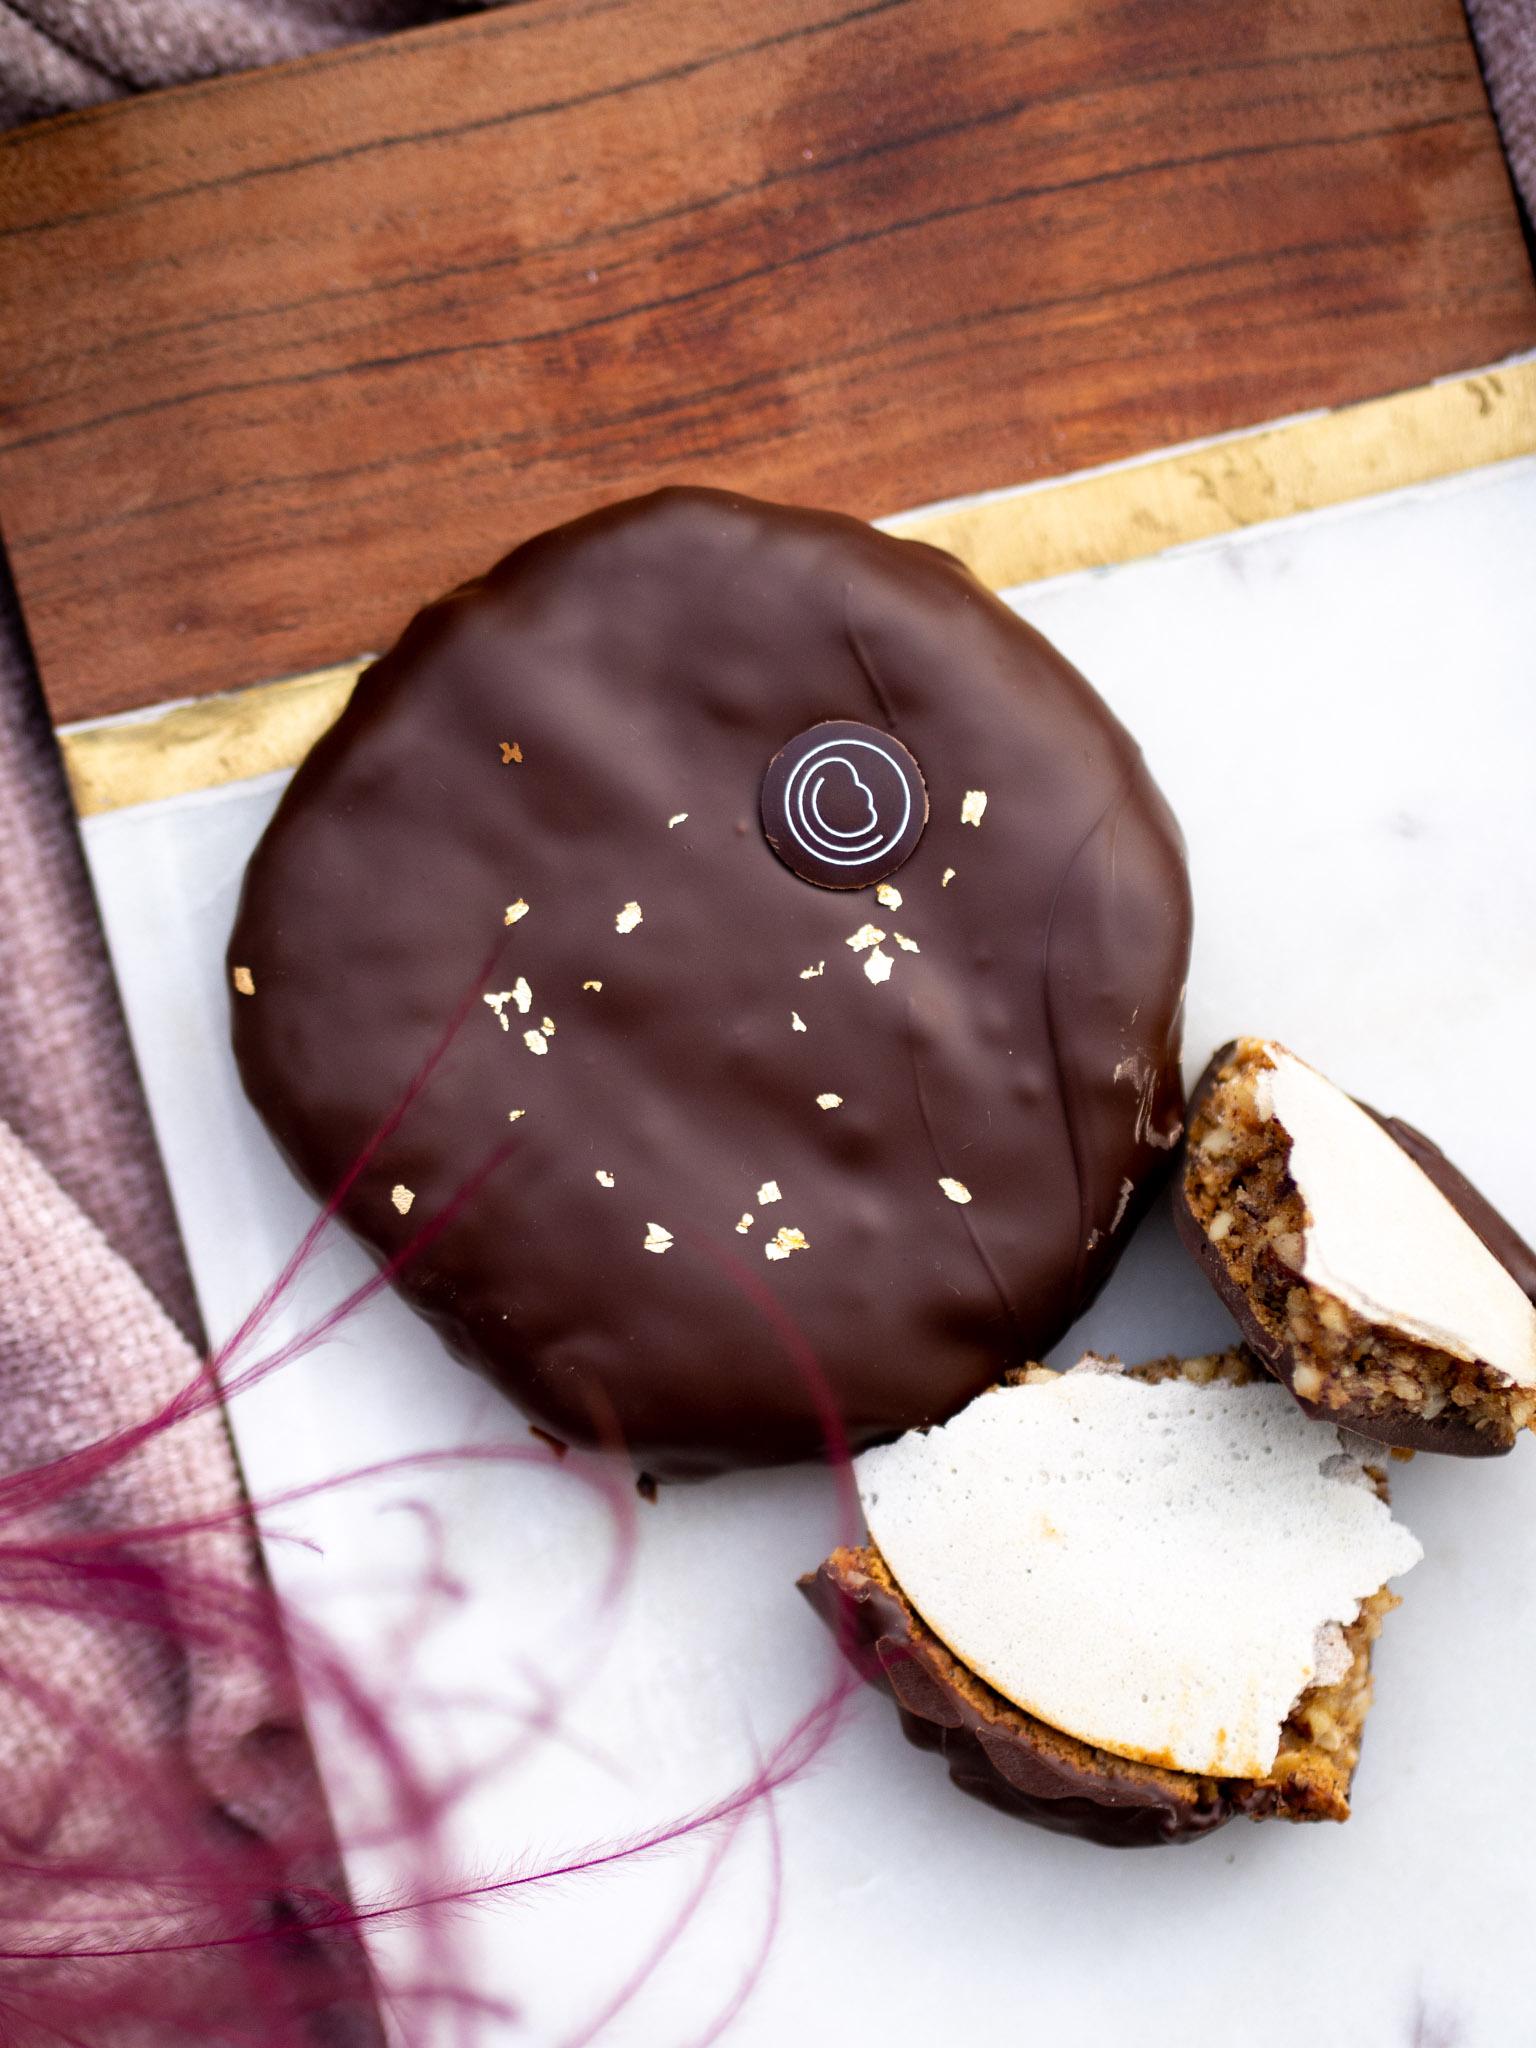 Elisenlebkuchen, getaucht in dunkler Schokolade 66% mit Blattgold (ca. 110 gr.)